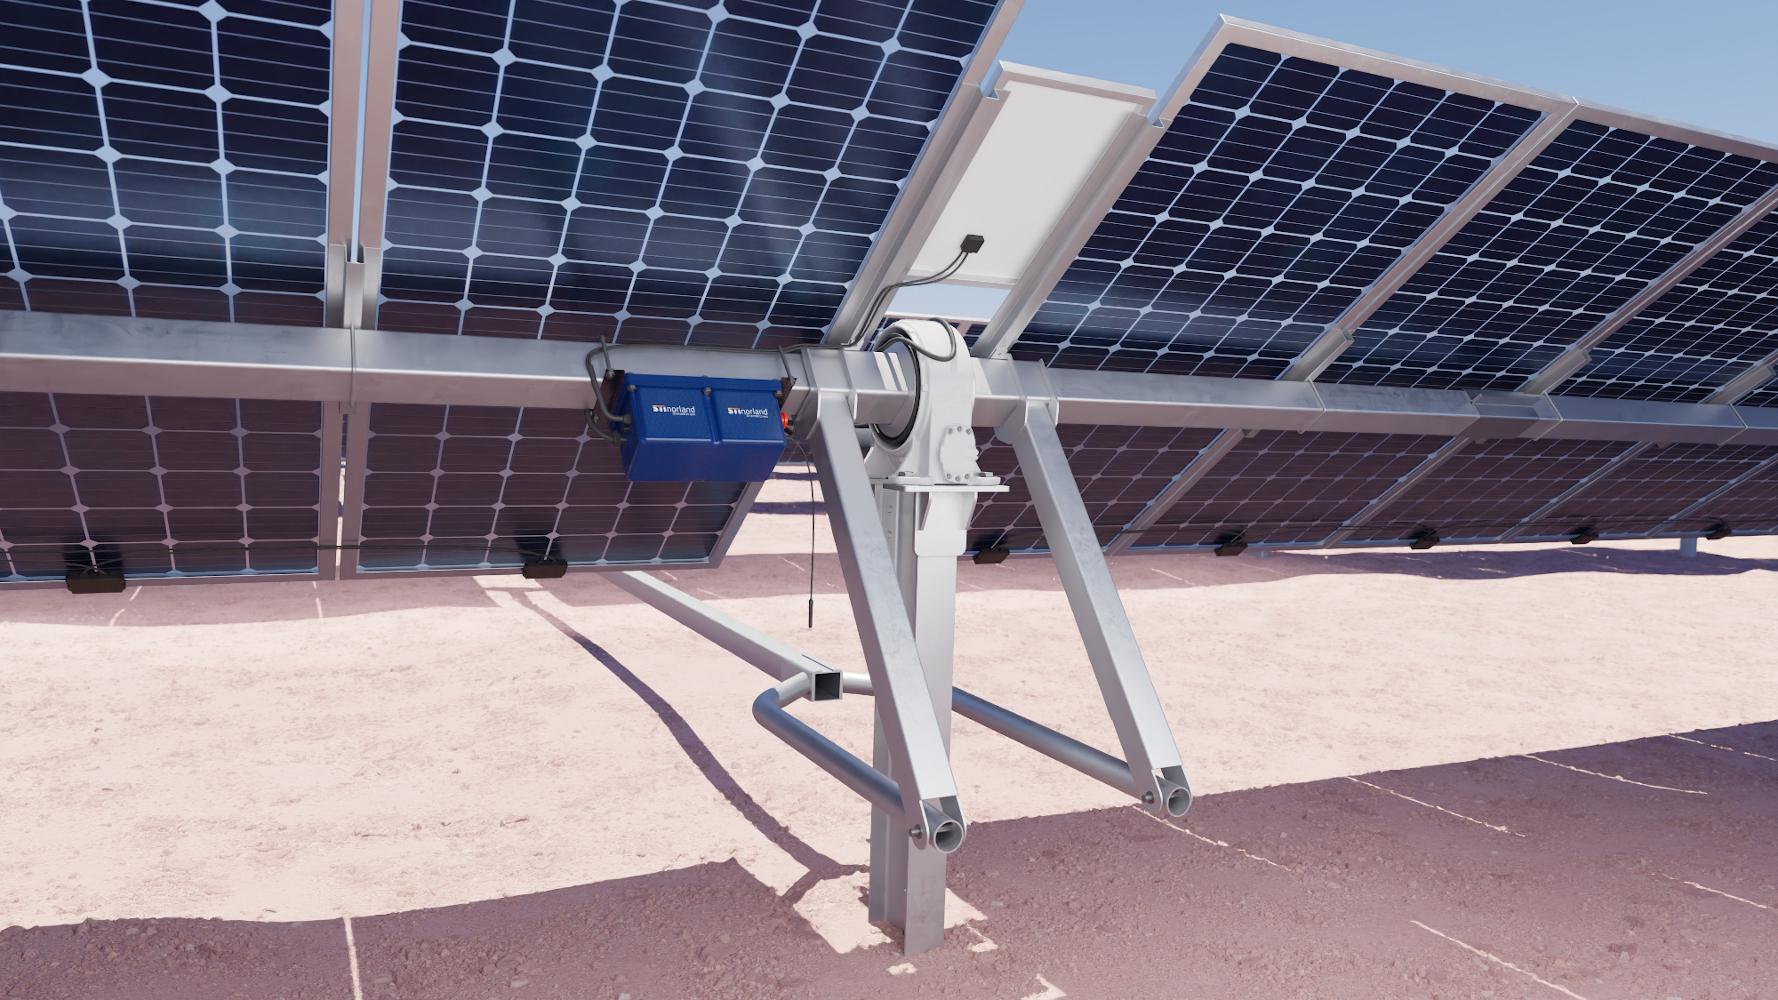 STI Norland lanza un nuevo sistema inteligente para el control y monitorización de plantas solares